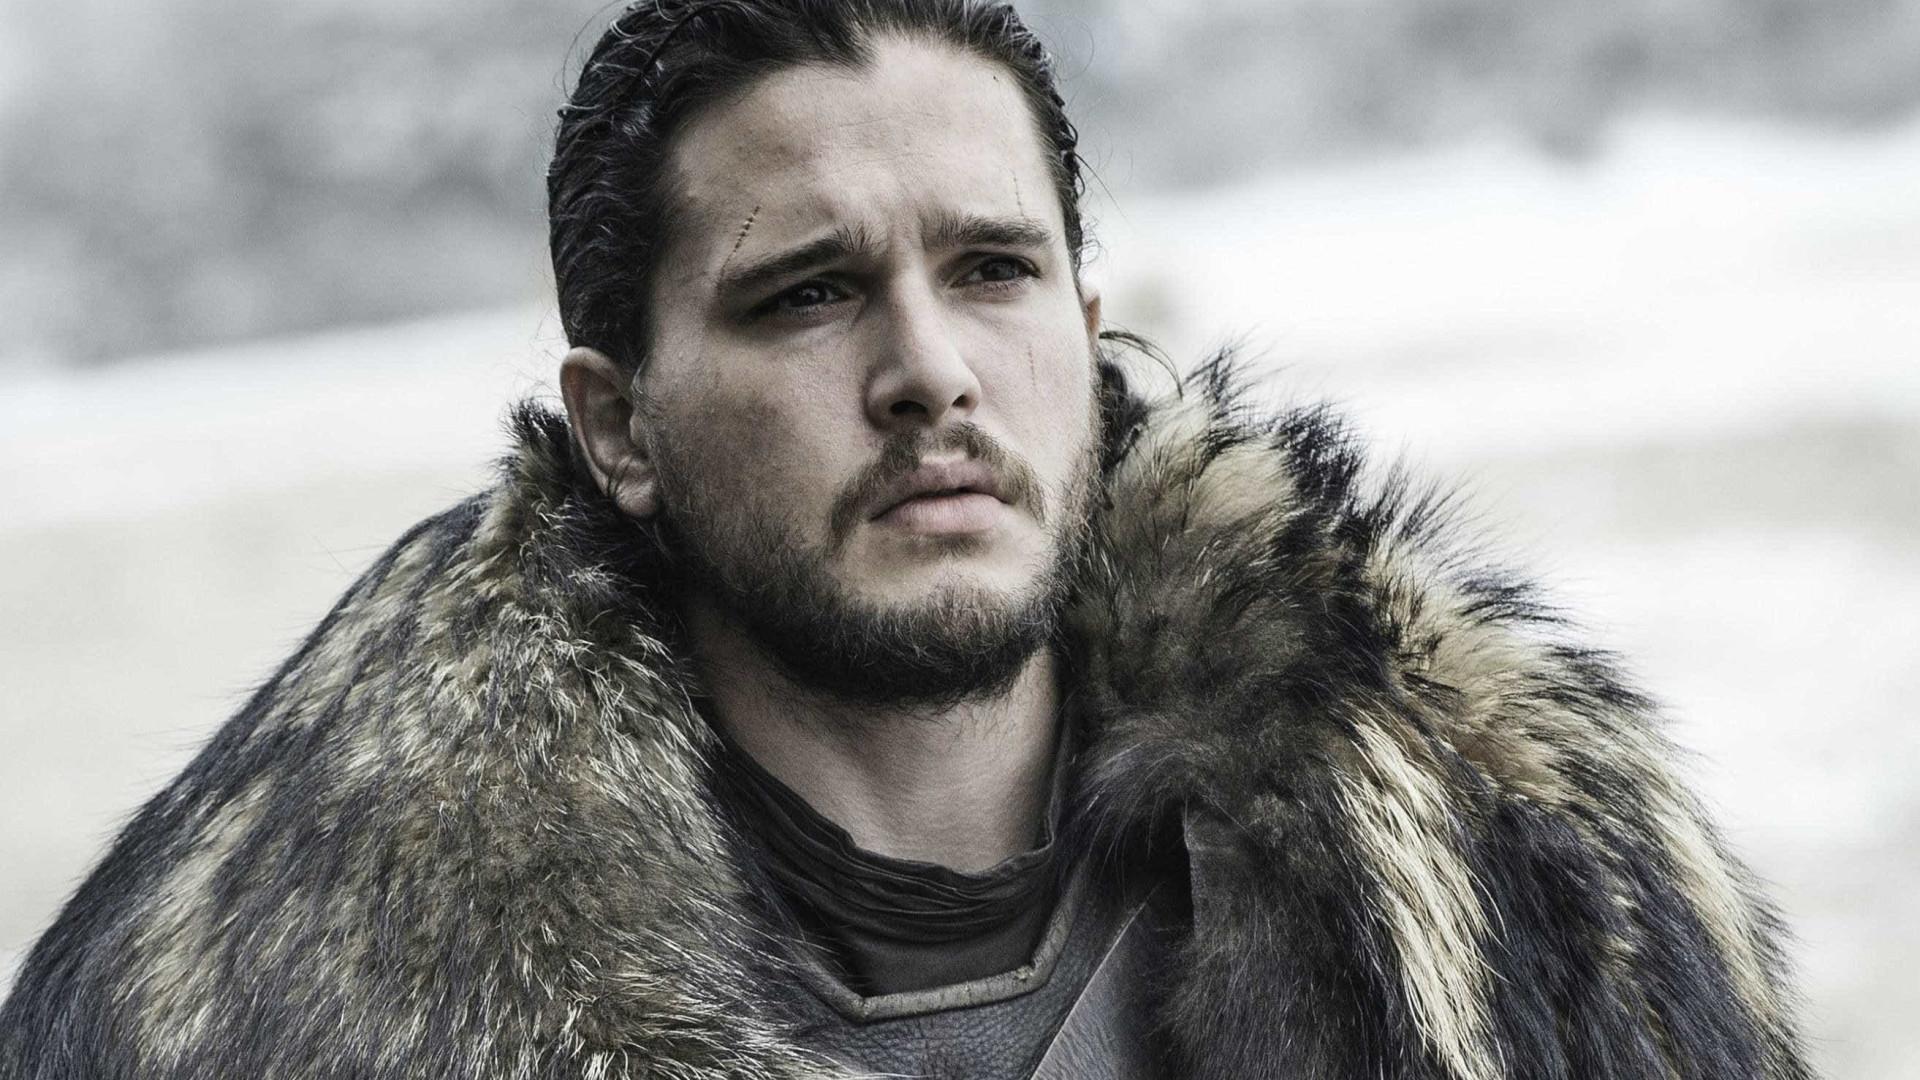 Ator chorou ao ler episódio final de 'Game of Thrones'